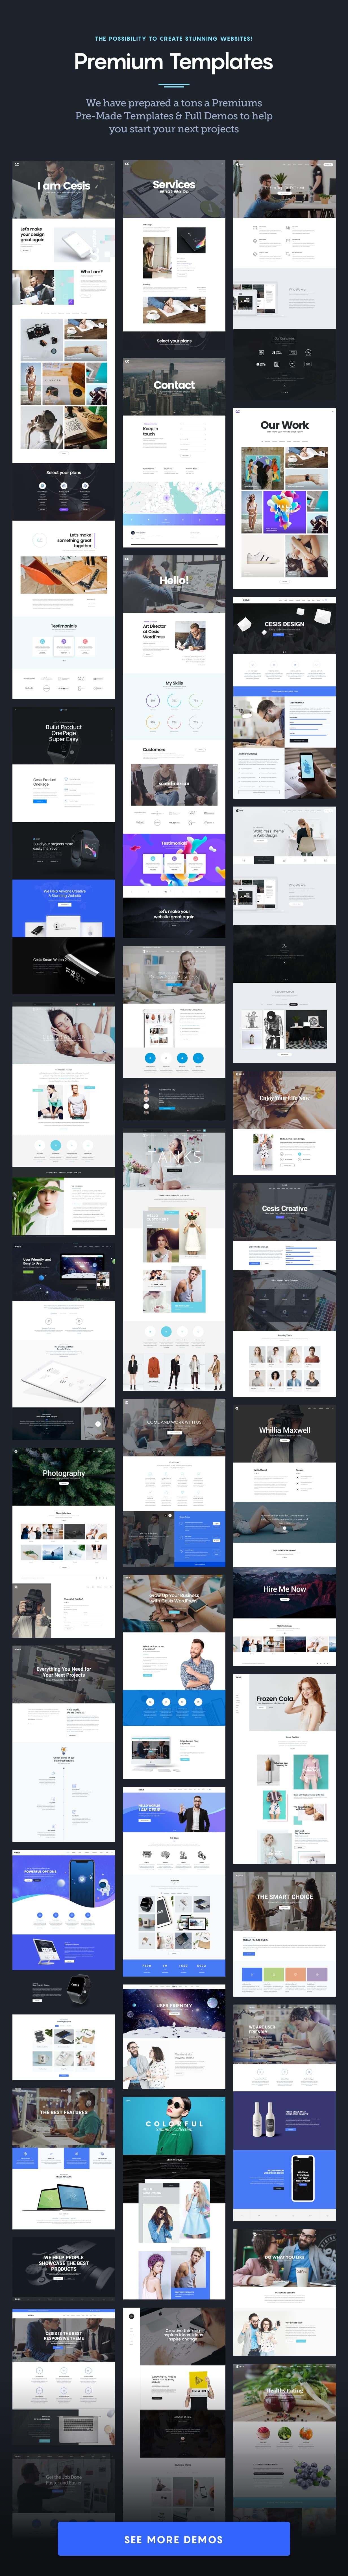 Cesis WordPress - 200+ Pre-made Templates & Demos